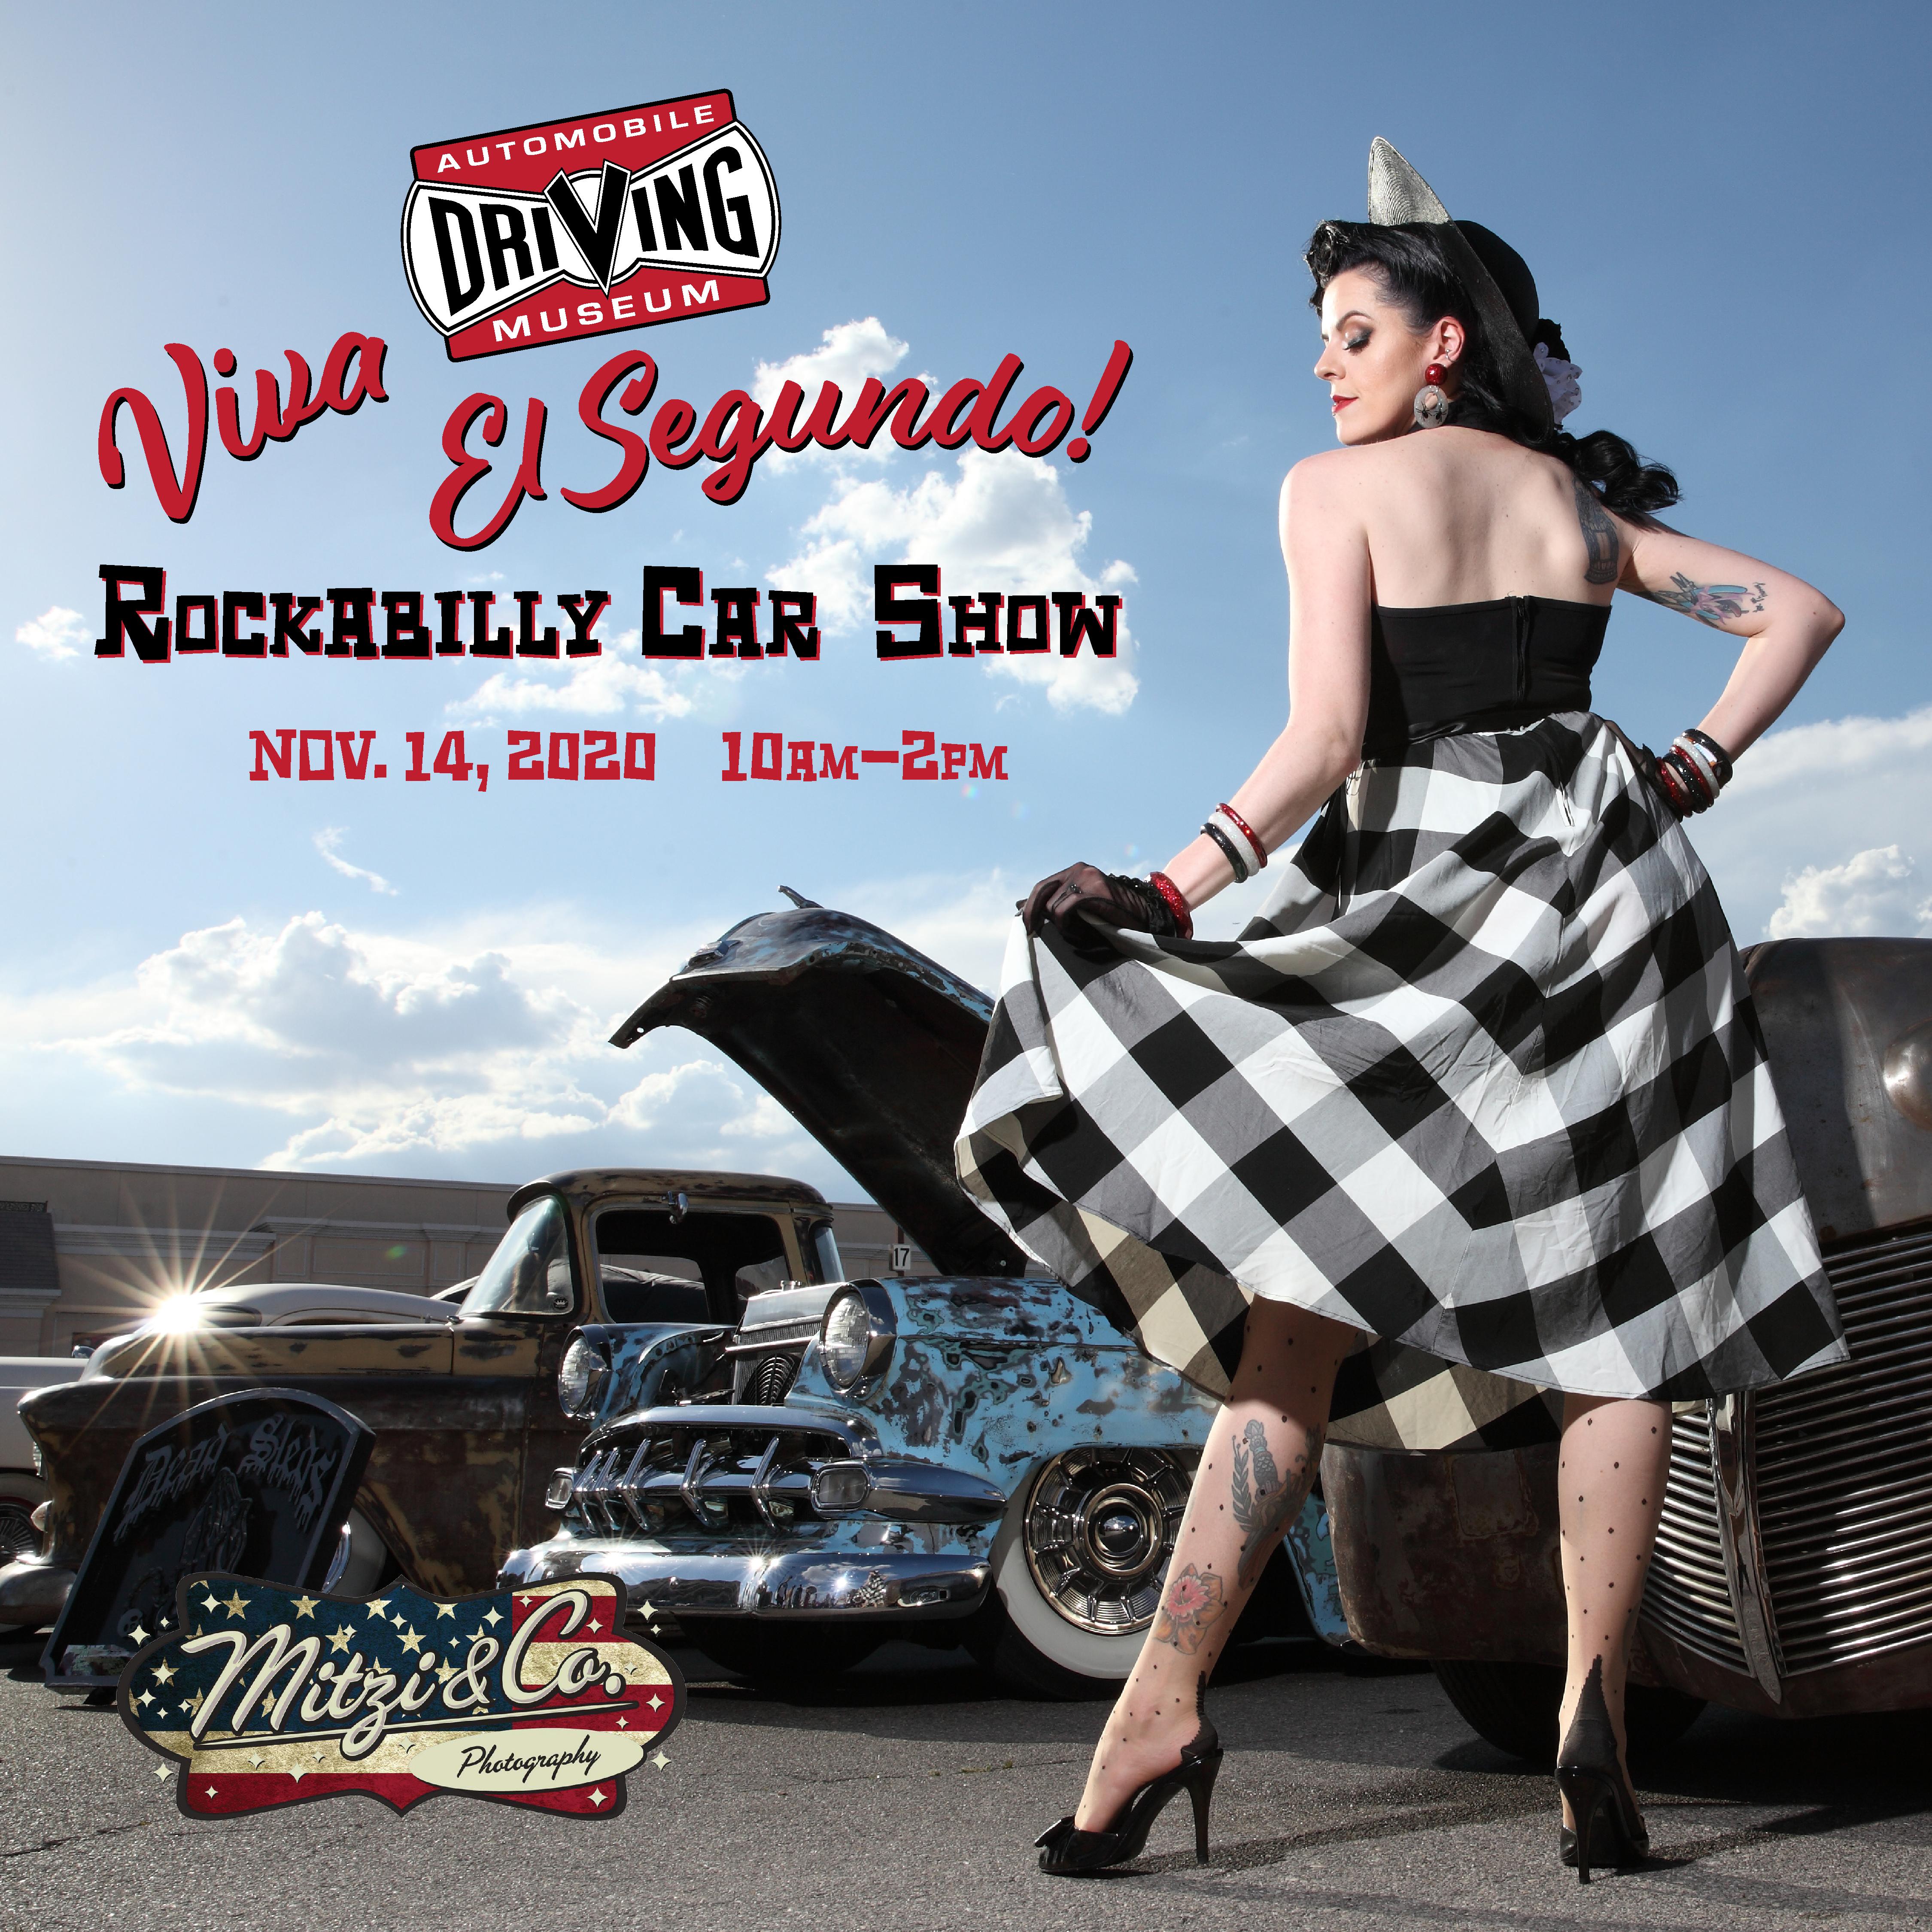 Viva El Segundo Rockabilly Show